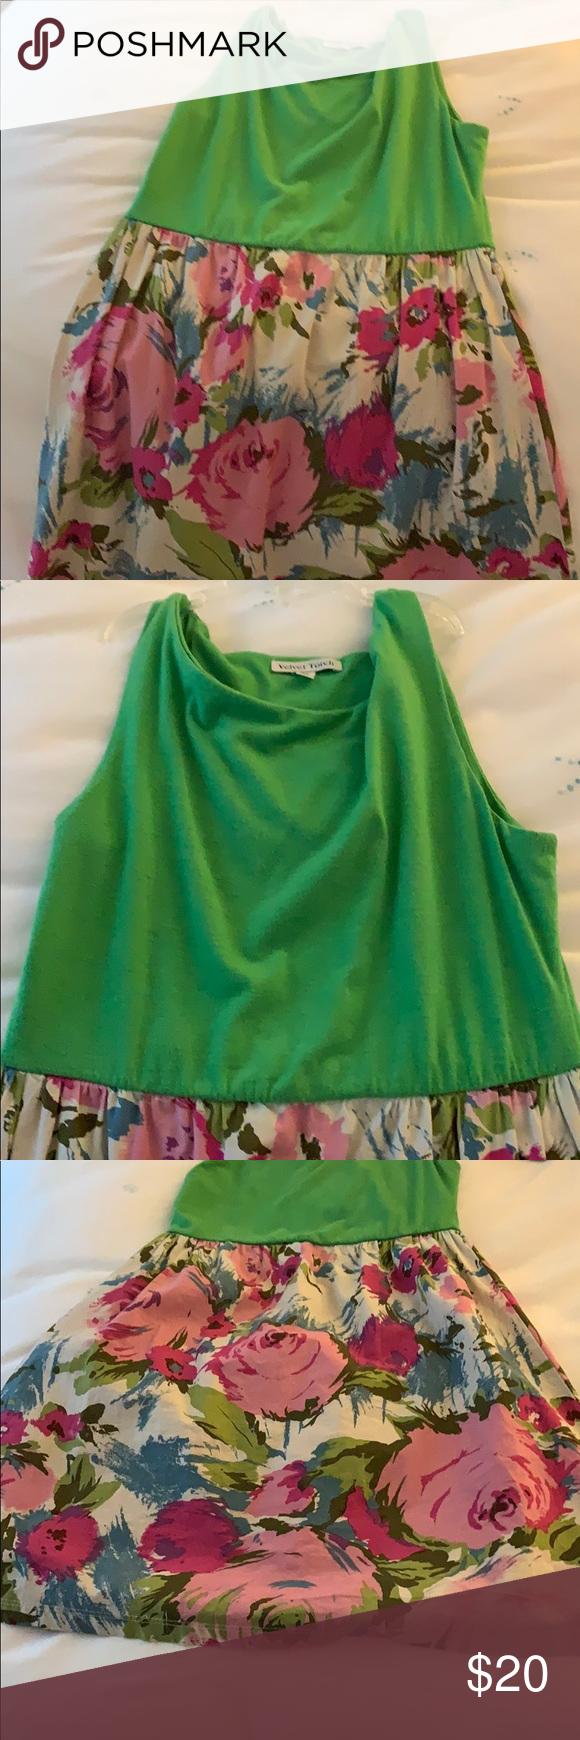 Cute short sundress. Short summery dress. Velvet torch green T-shirt material top and cotton bottom flowery skirt. Velvet Torch Dresses Mini #shortsundress